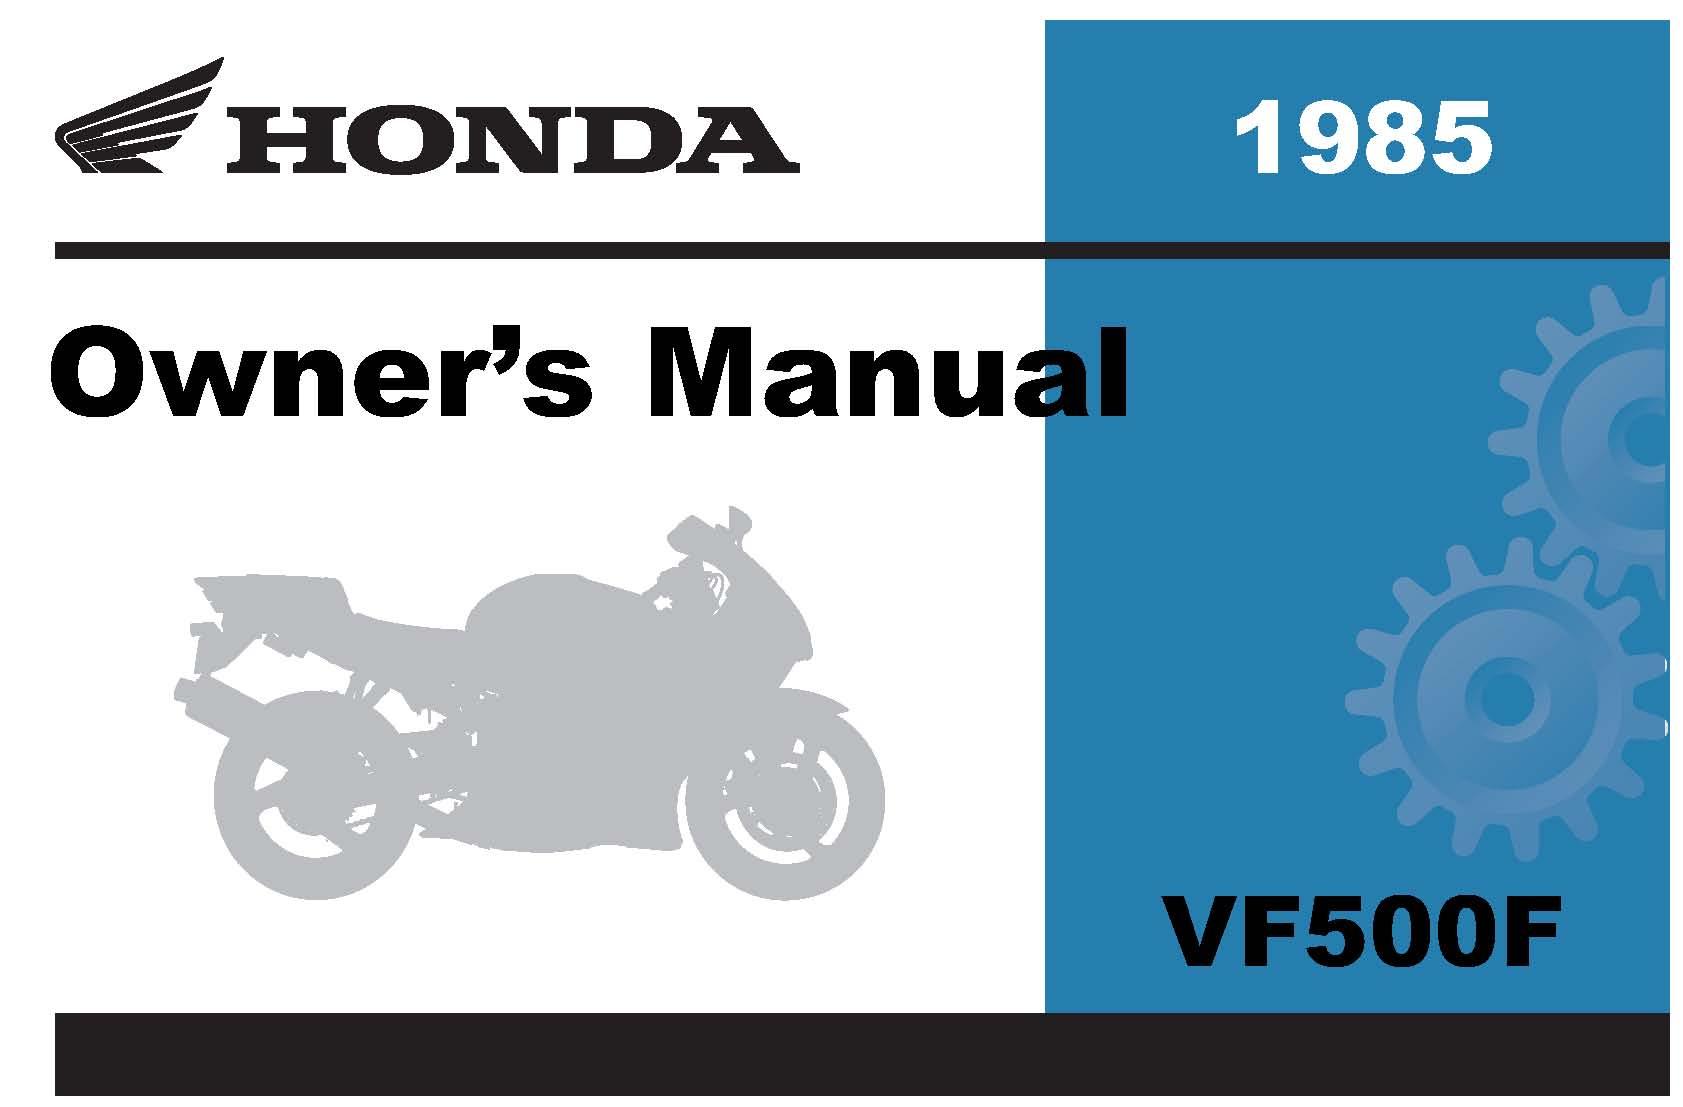 Honda Owners Manual >> Details About Honda 1985 Vf500f Interceptor Owner Manual 85